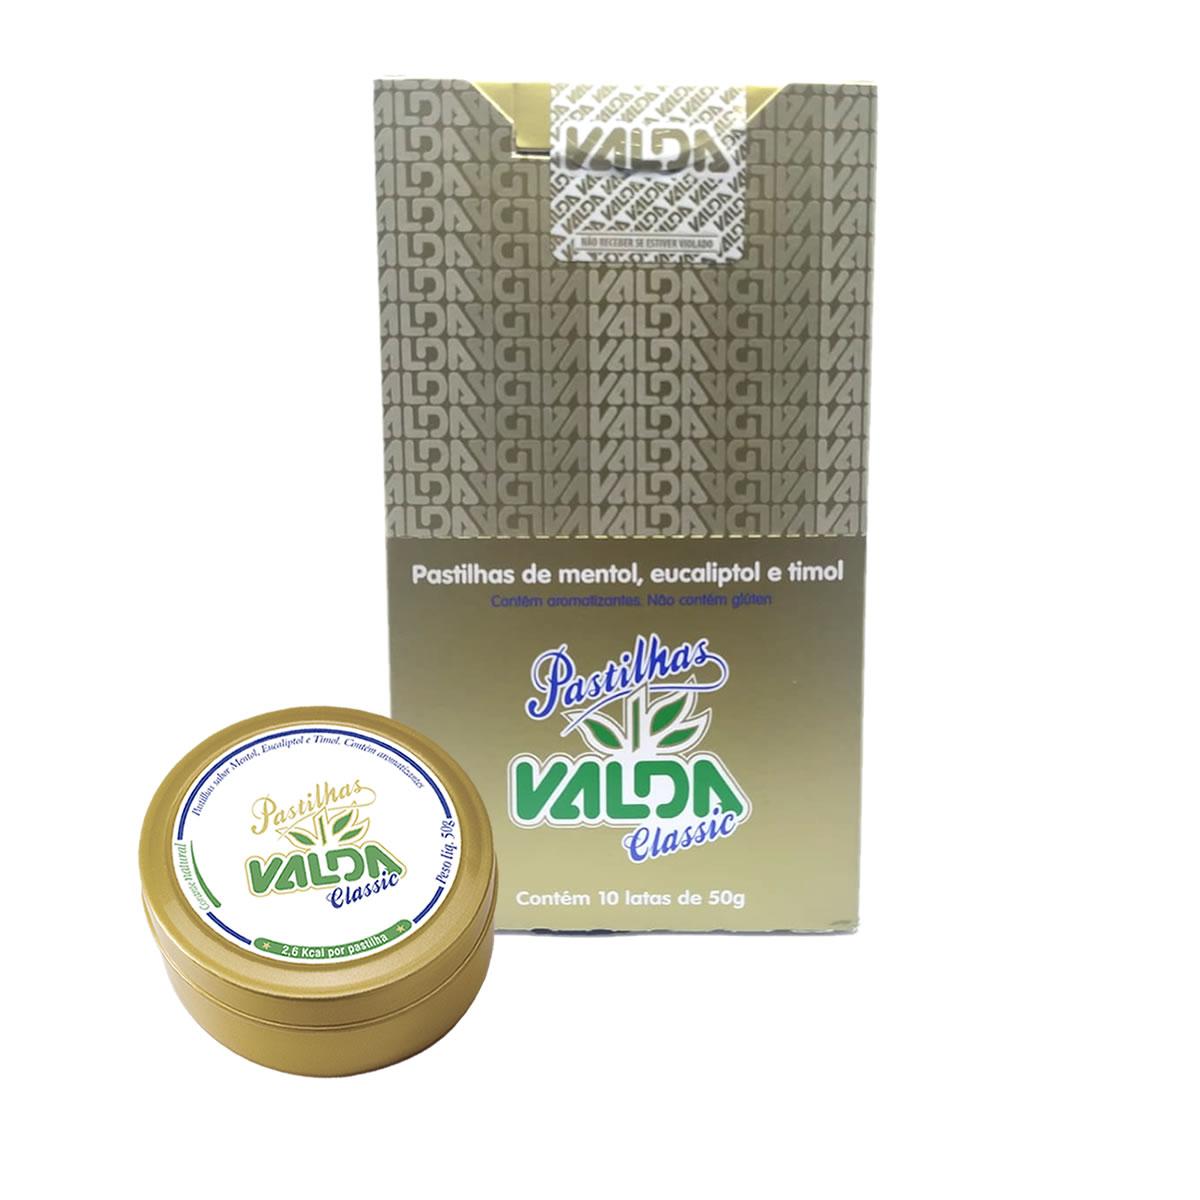 Pastilhas de Mentol Classic Display com 10 Latas de 50g - Valda